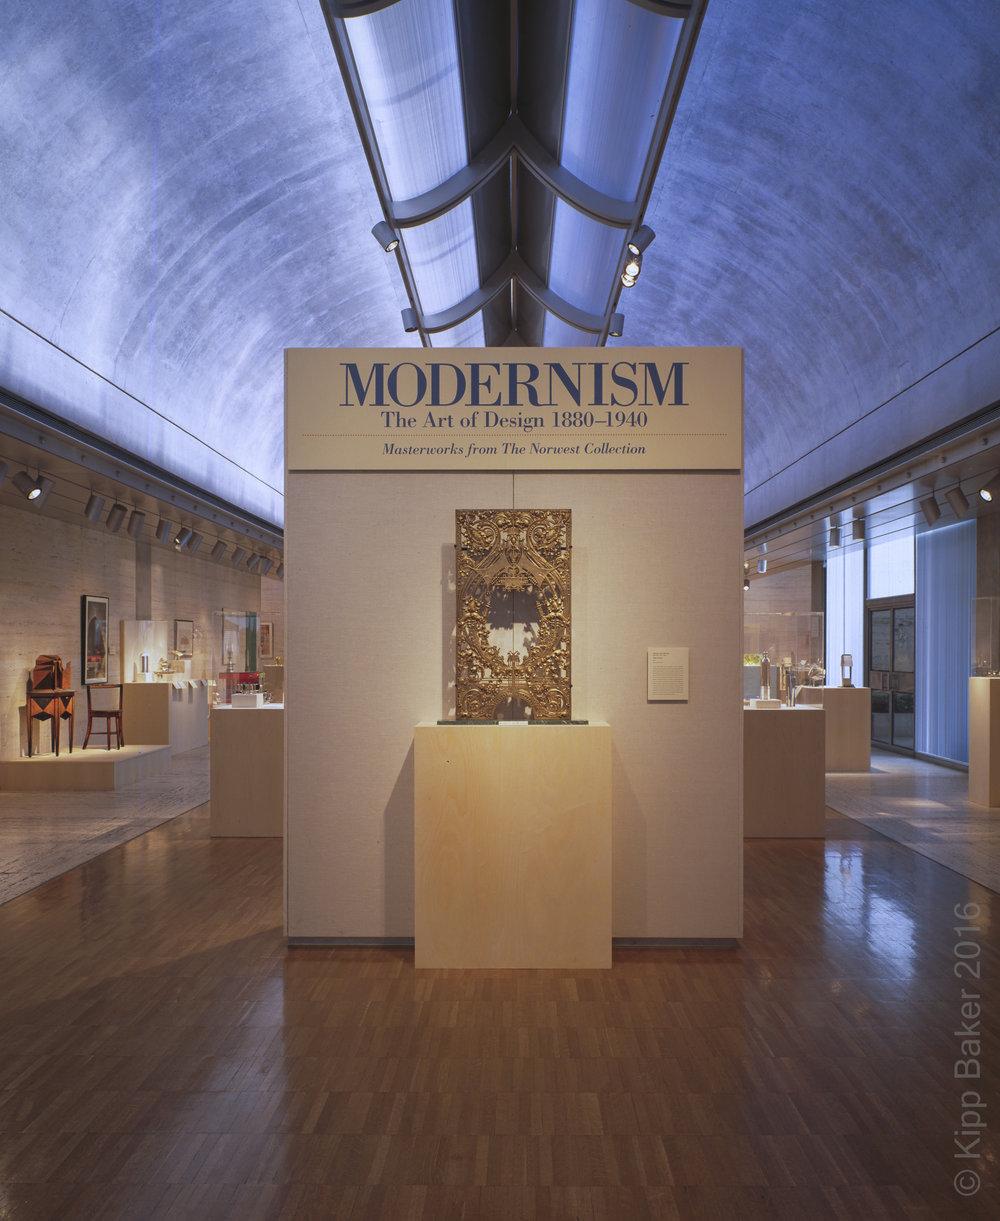 Kimbell Art Museum - MODERNISM Exhibit